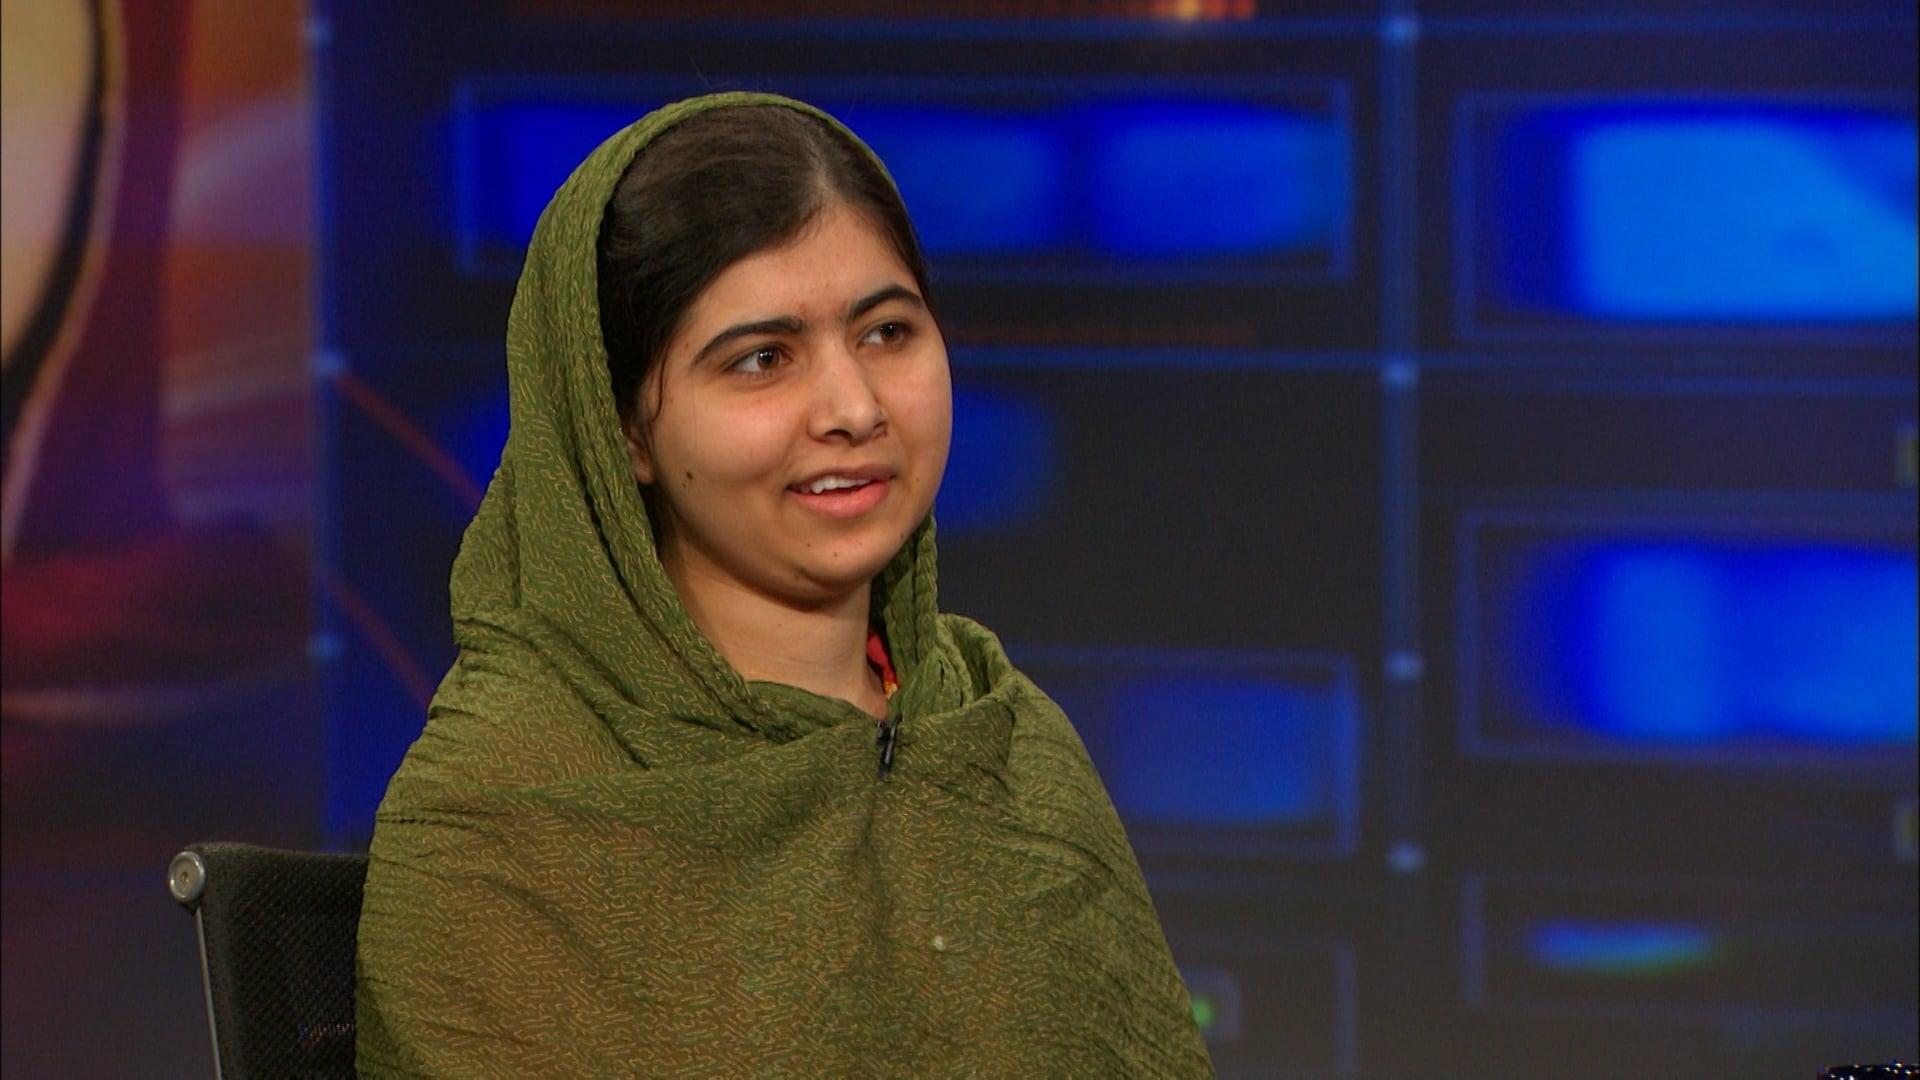 The Daily Show with Trevor Noah Season 20 :Episode 122  Malala Yousafzai